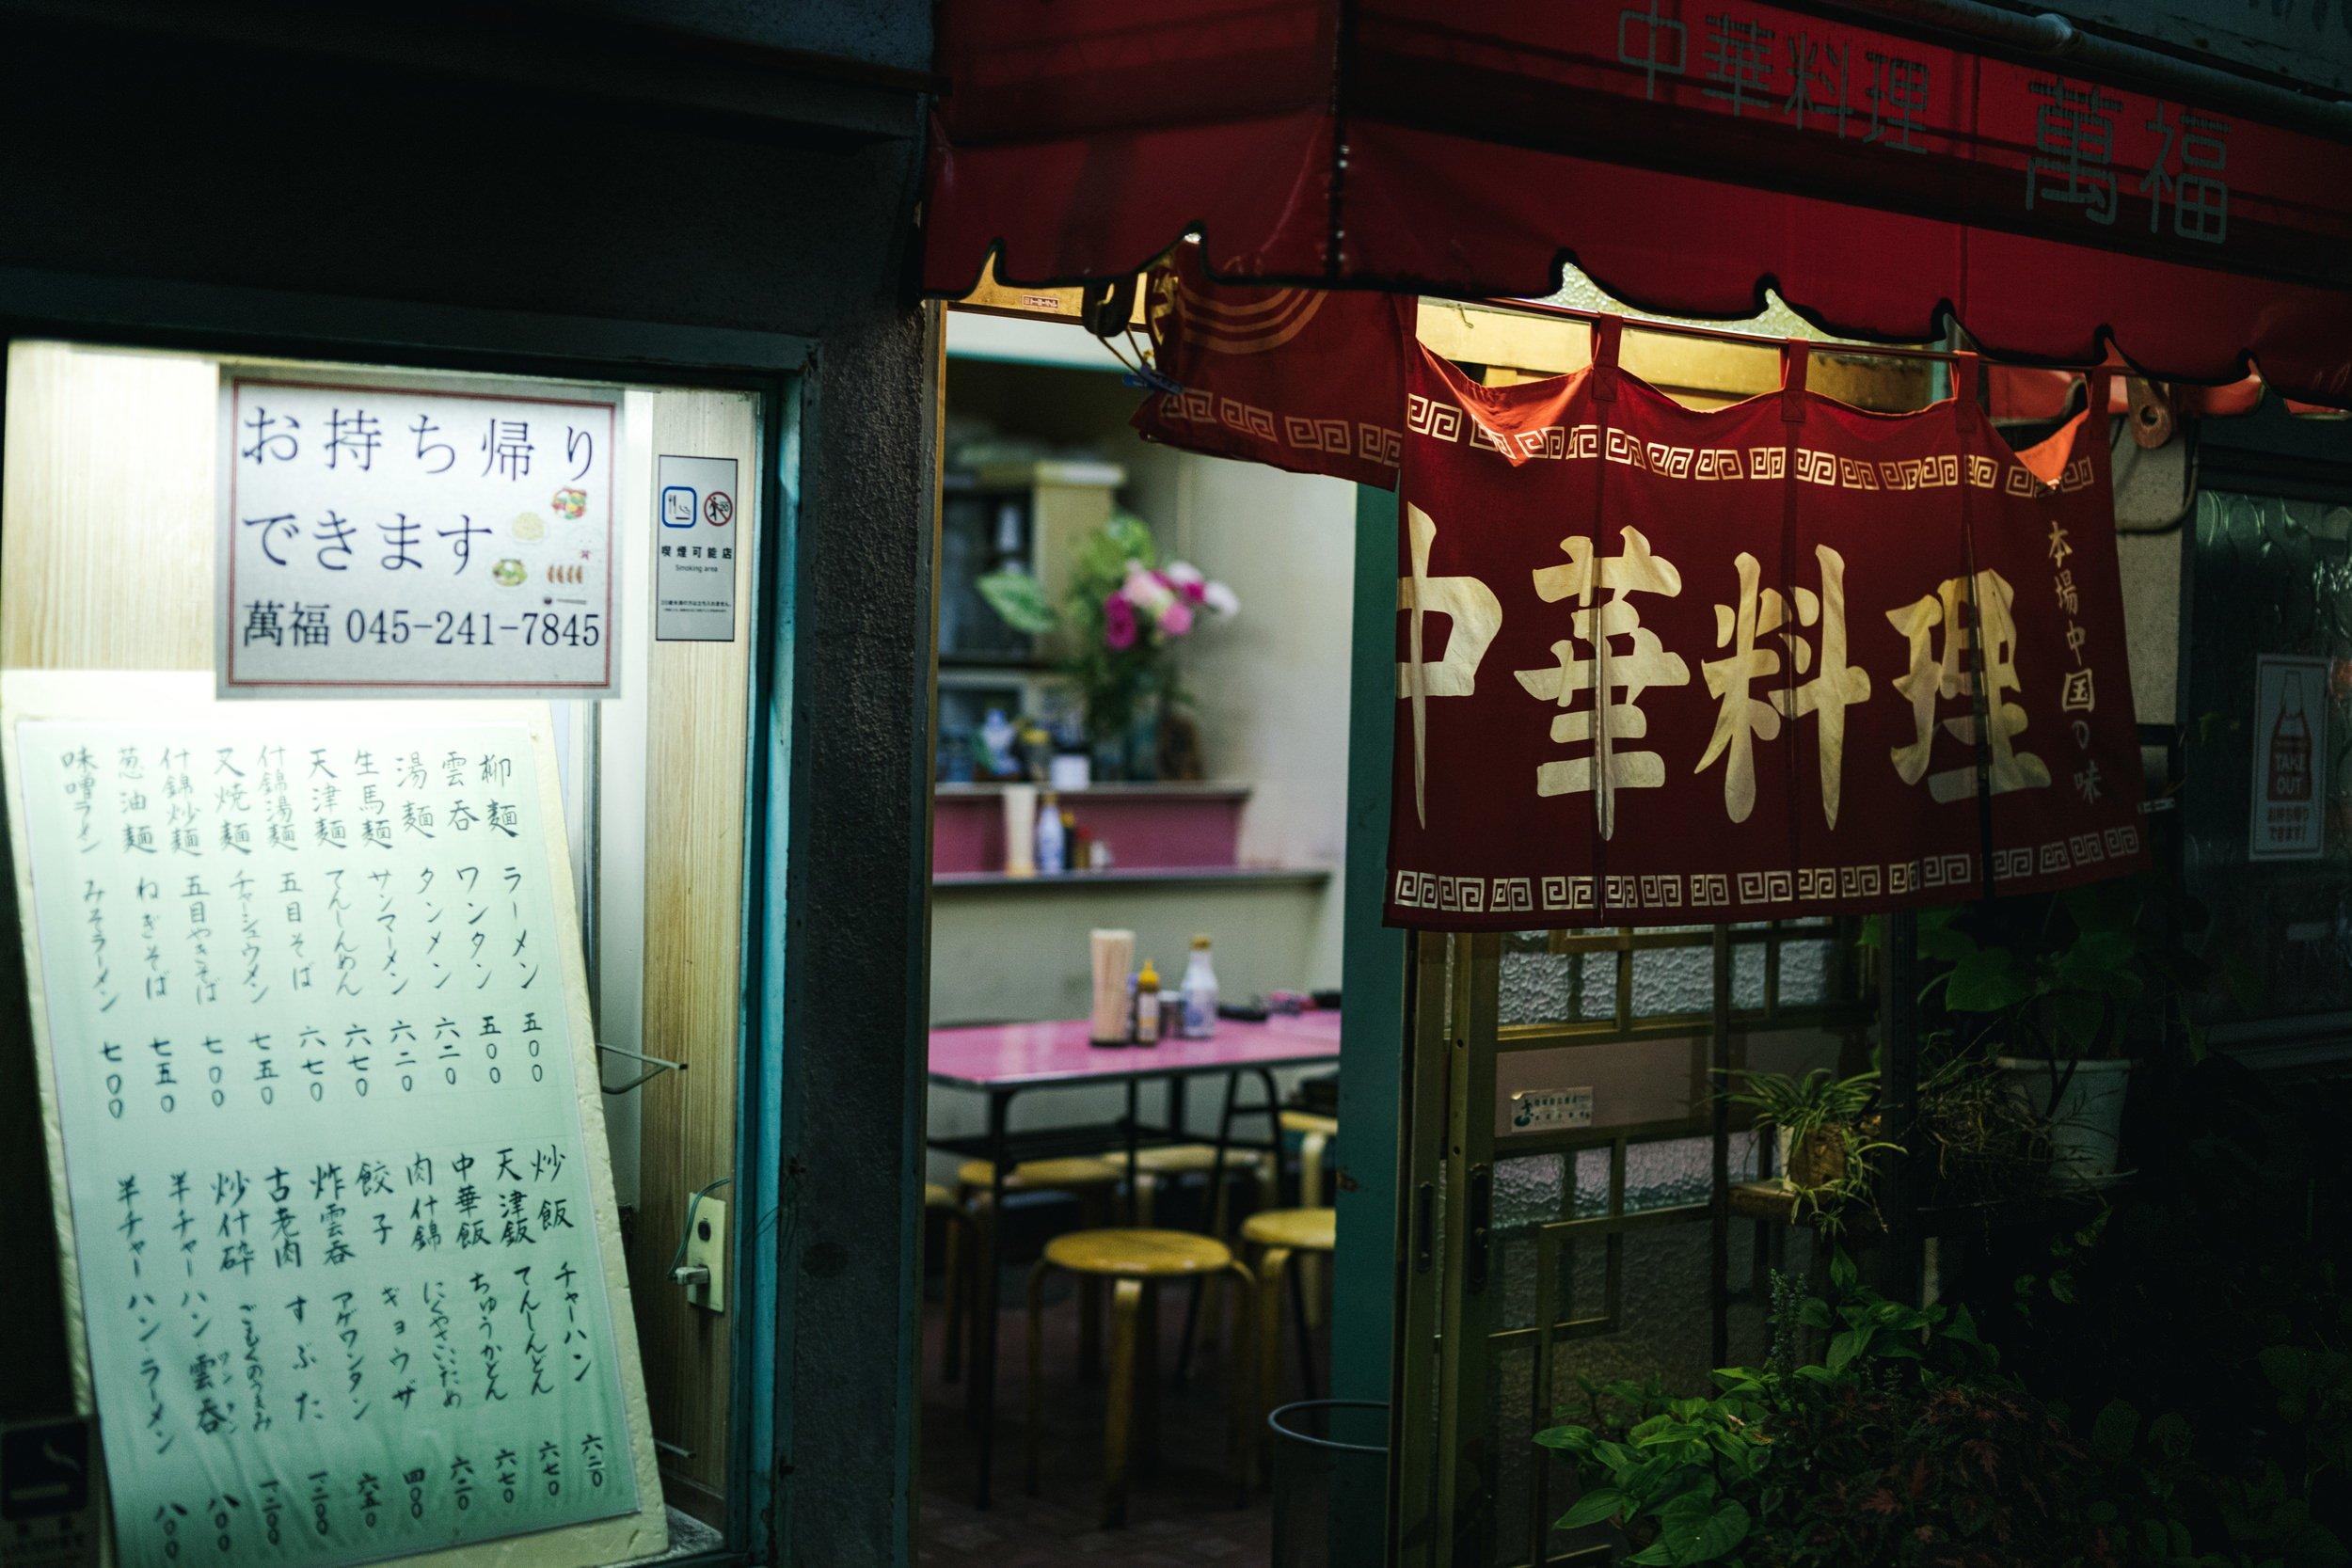 PAR549040801yokohama1500.jpg